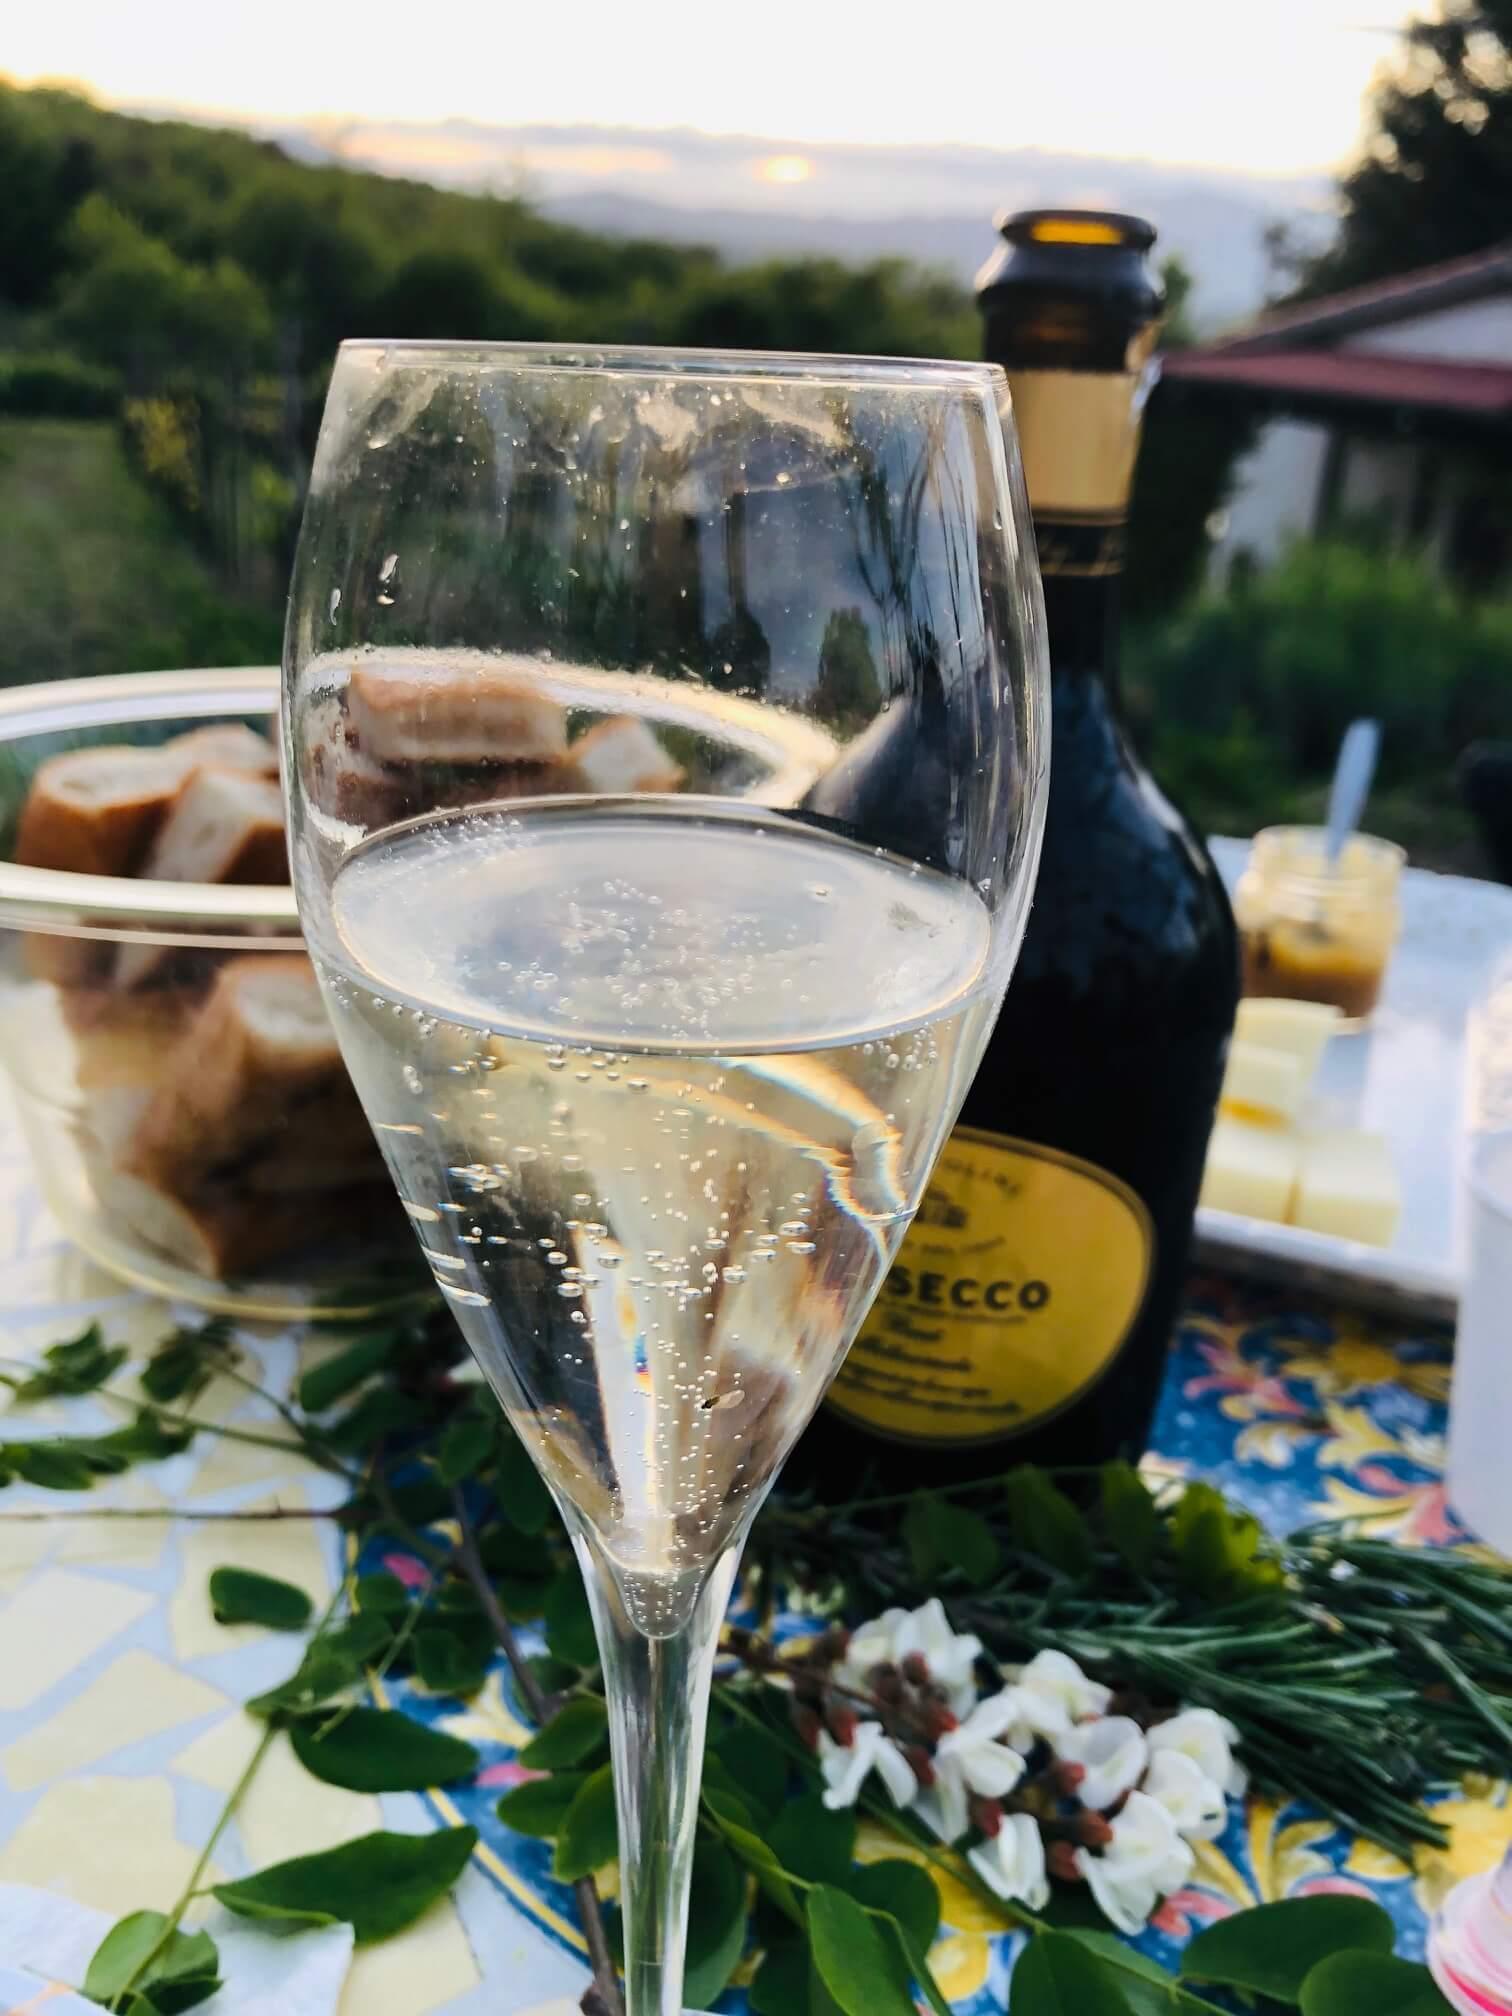 Har du kjent duften av blomster i vin? Hva med en aroma av akasieblomst i vin? Akkurat nå står akasietrærne i full blomst rundt vingården vår i Italia og fyller lufta med velduftende aromaer. I dette innlegget får du noen forslag til viner der du kan gjenkjenne blomsten. Det er vin med bobler.